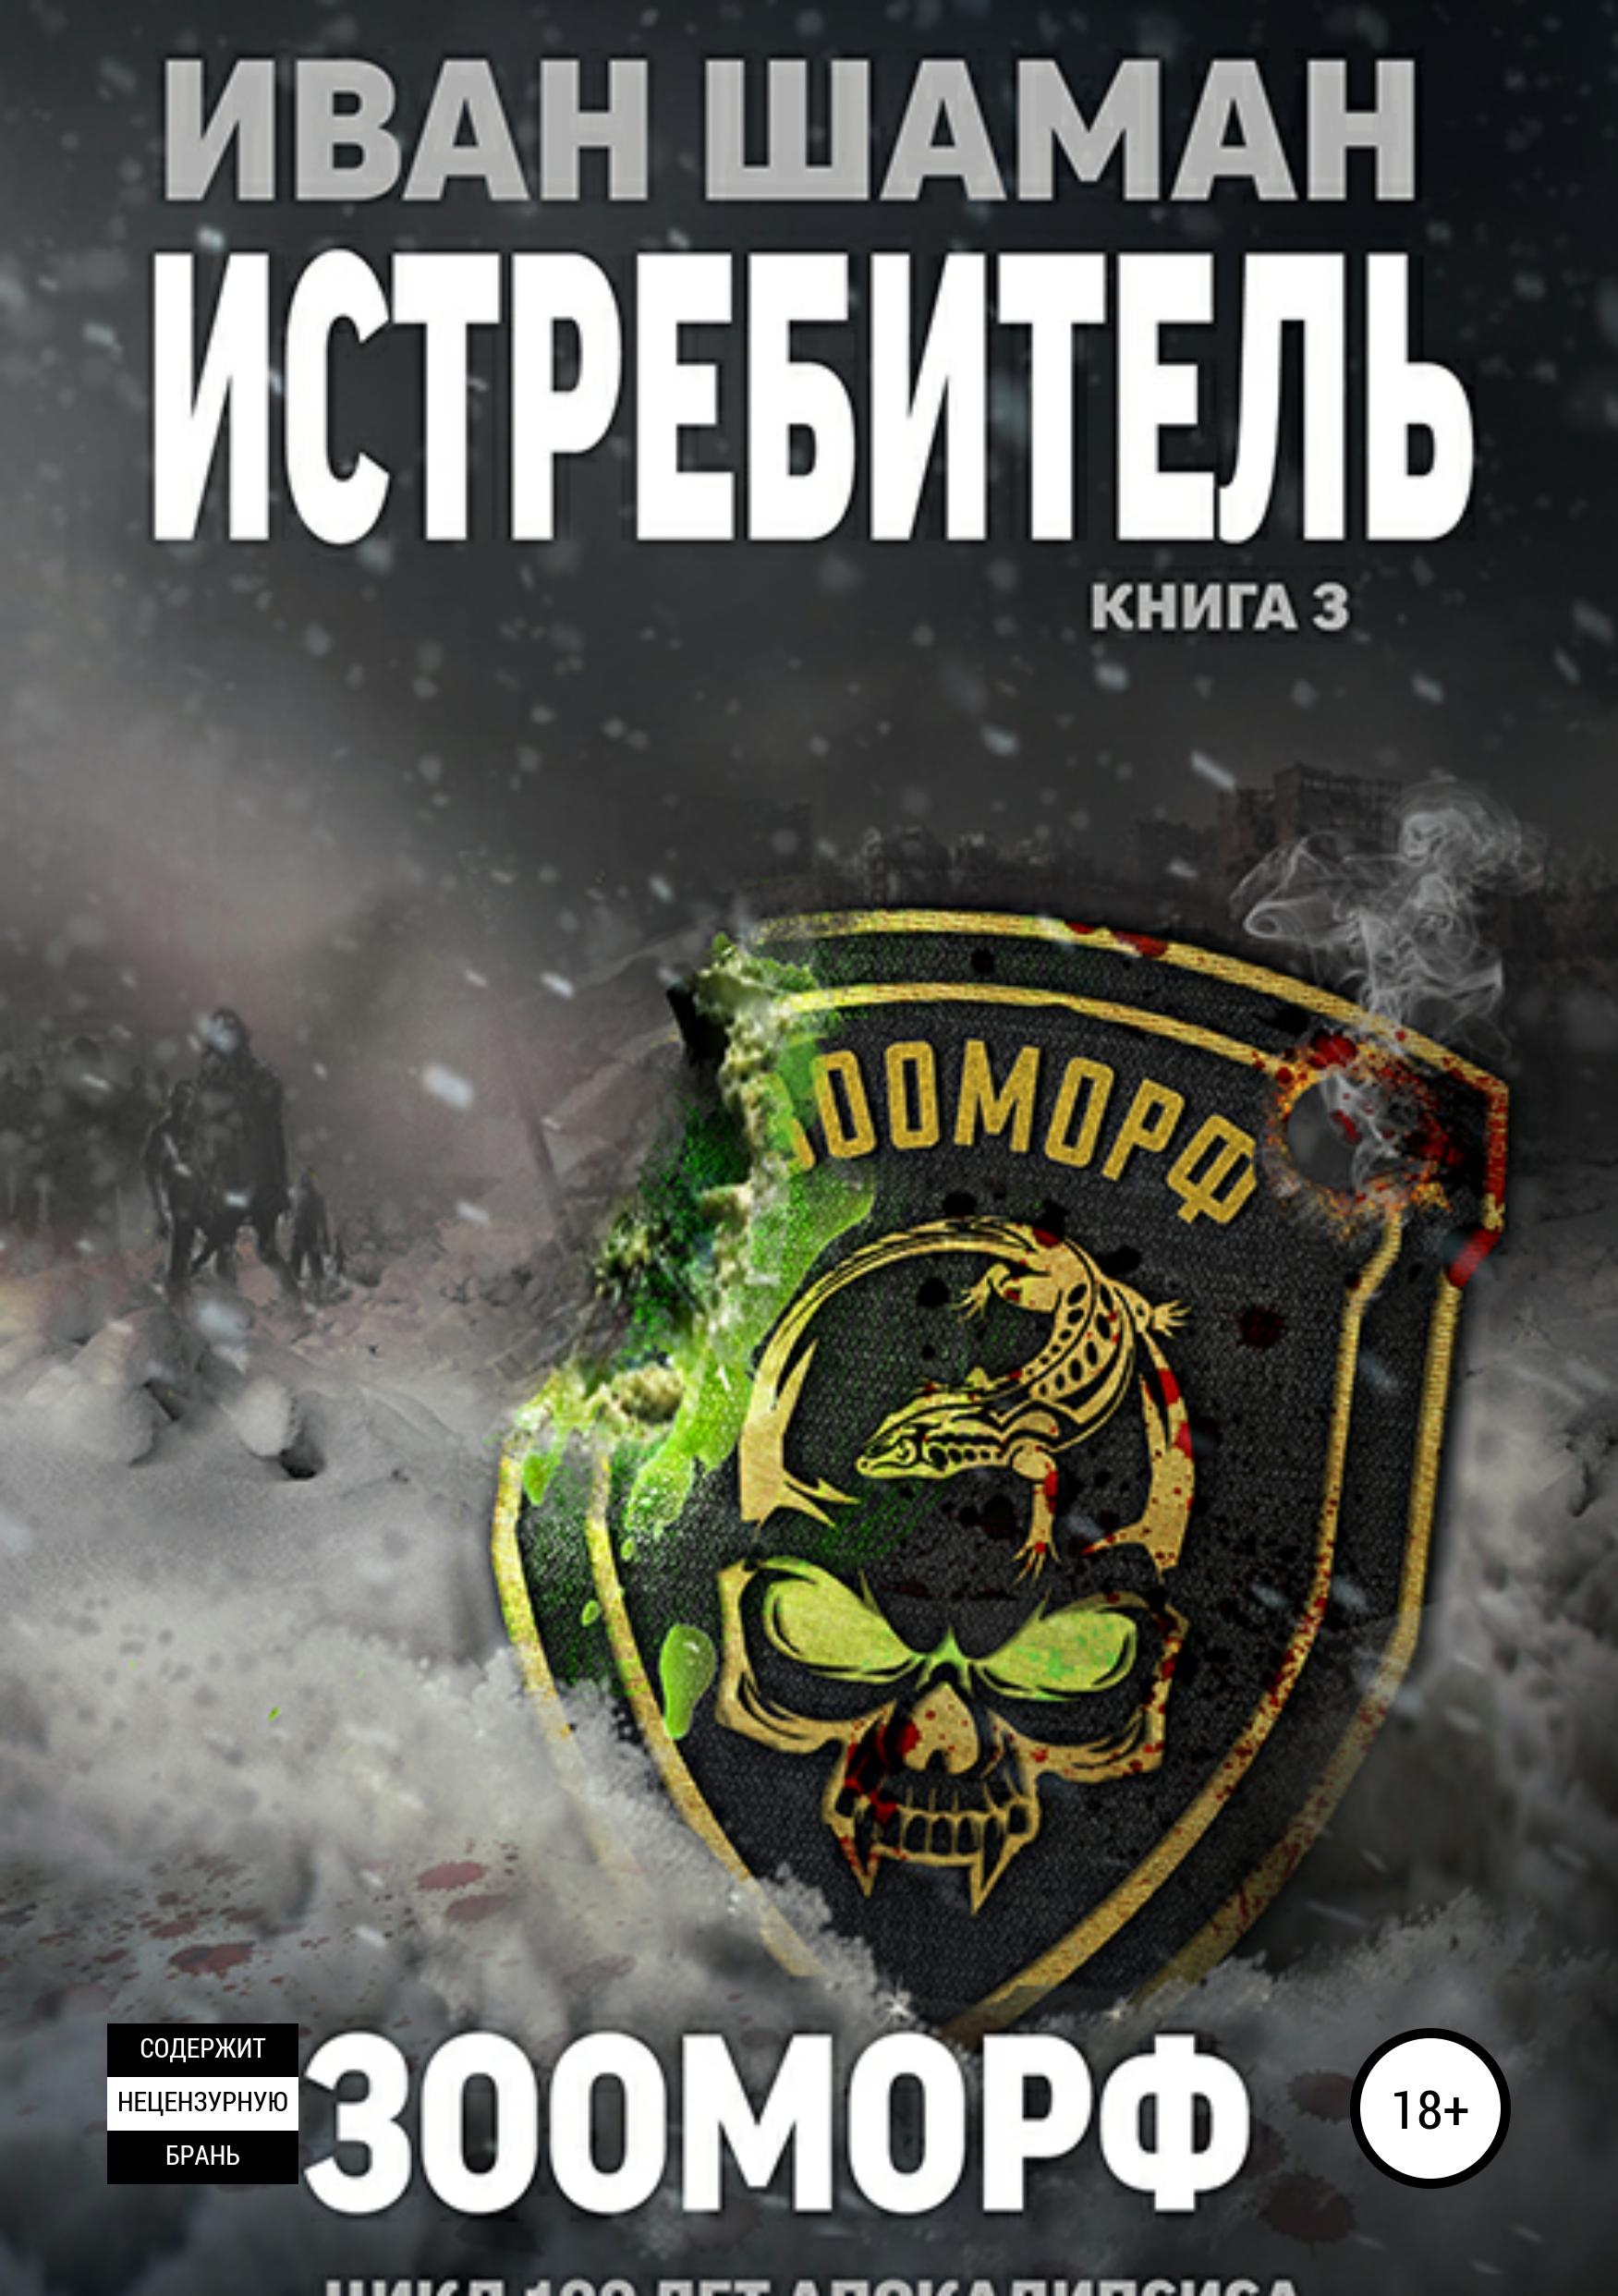 Иван Шаман Истребитель 3. Зооморф